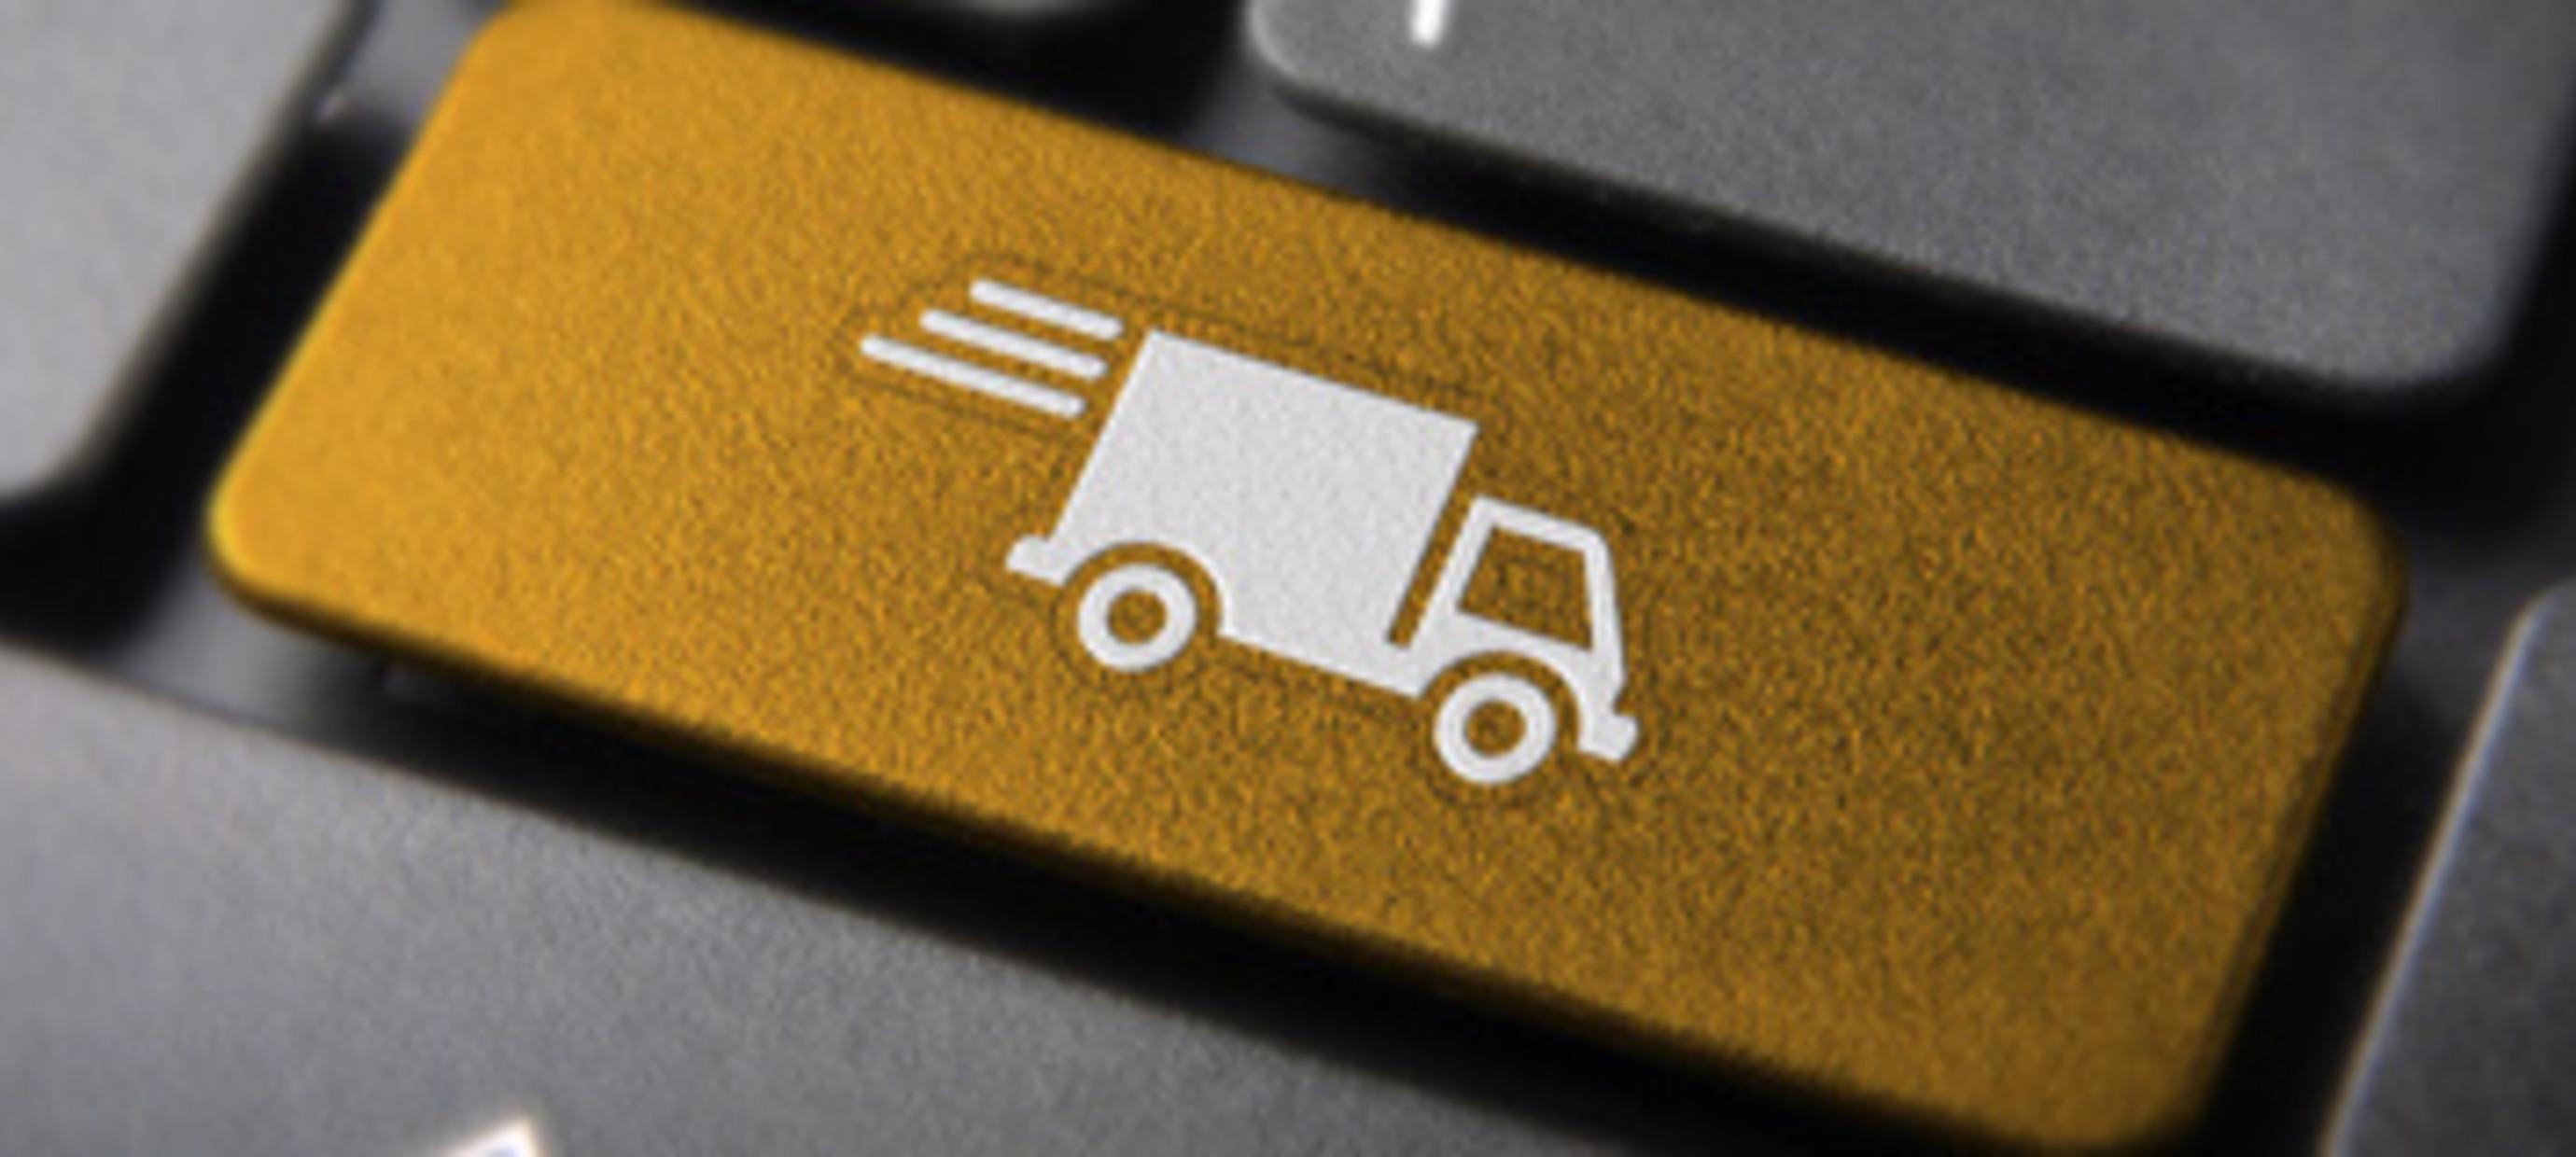 Kosten Same Day Delivery verlaagd naar €2,95 per bestelling